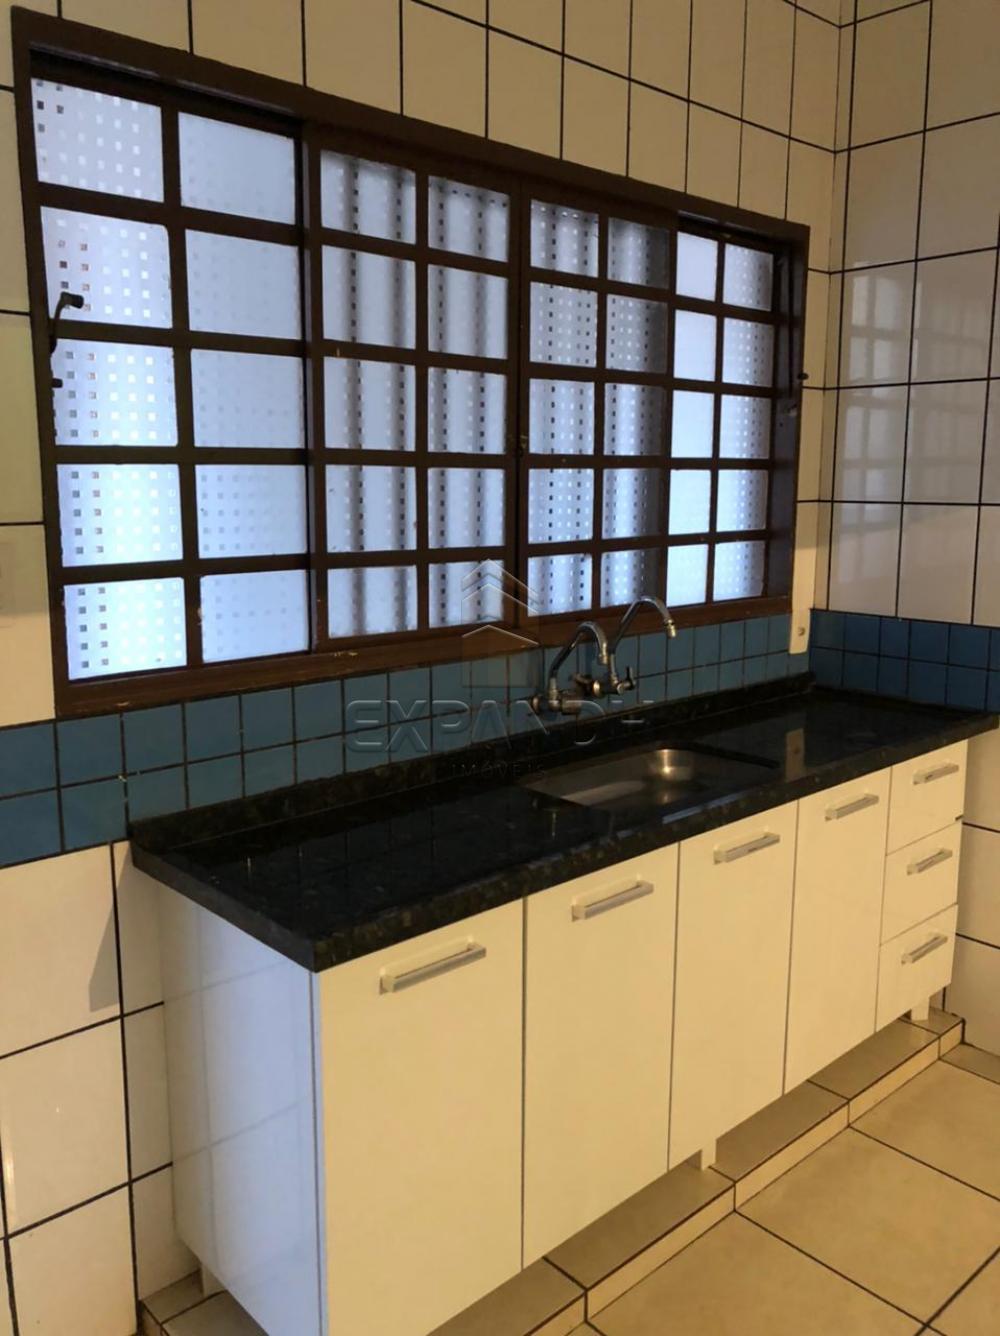 Alugar Casas / Padrão em Sertãozinho R$ 1.400,00 - Foto 9